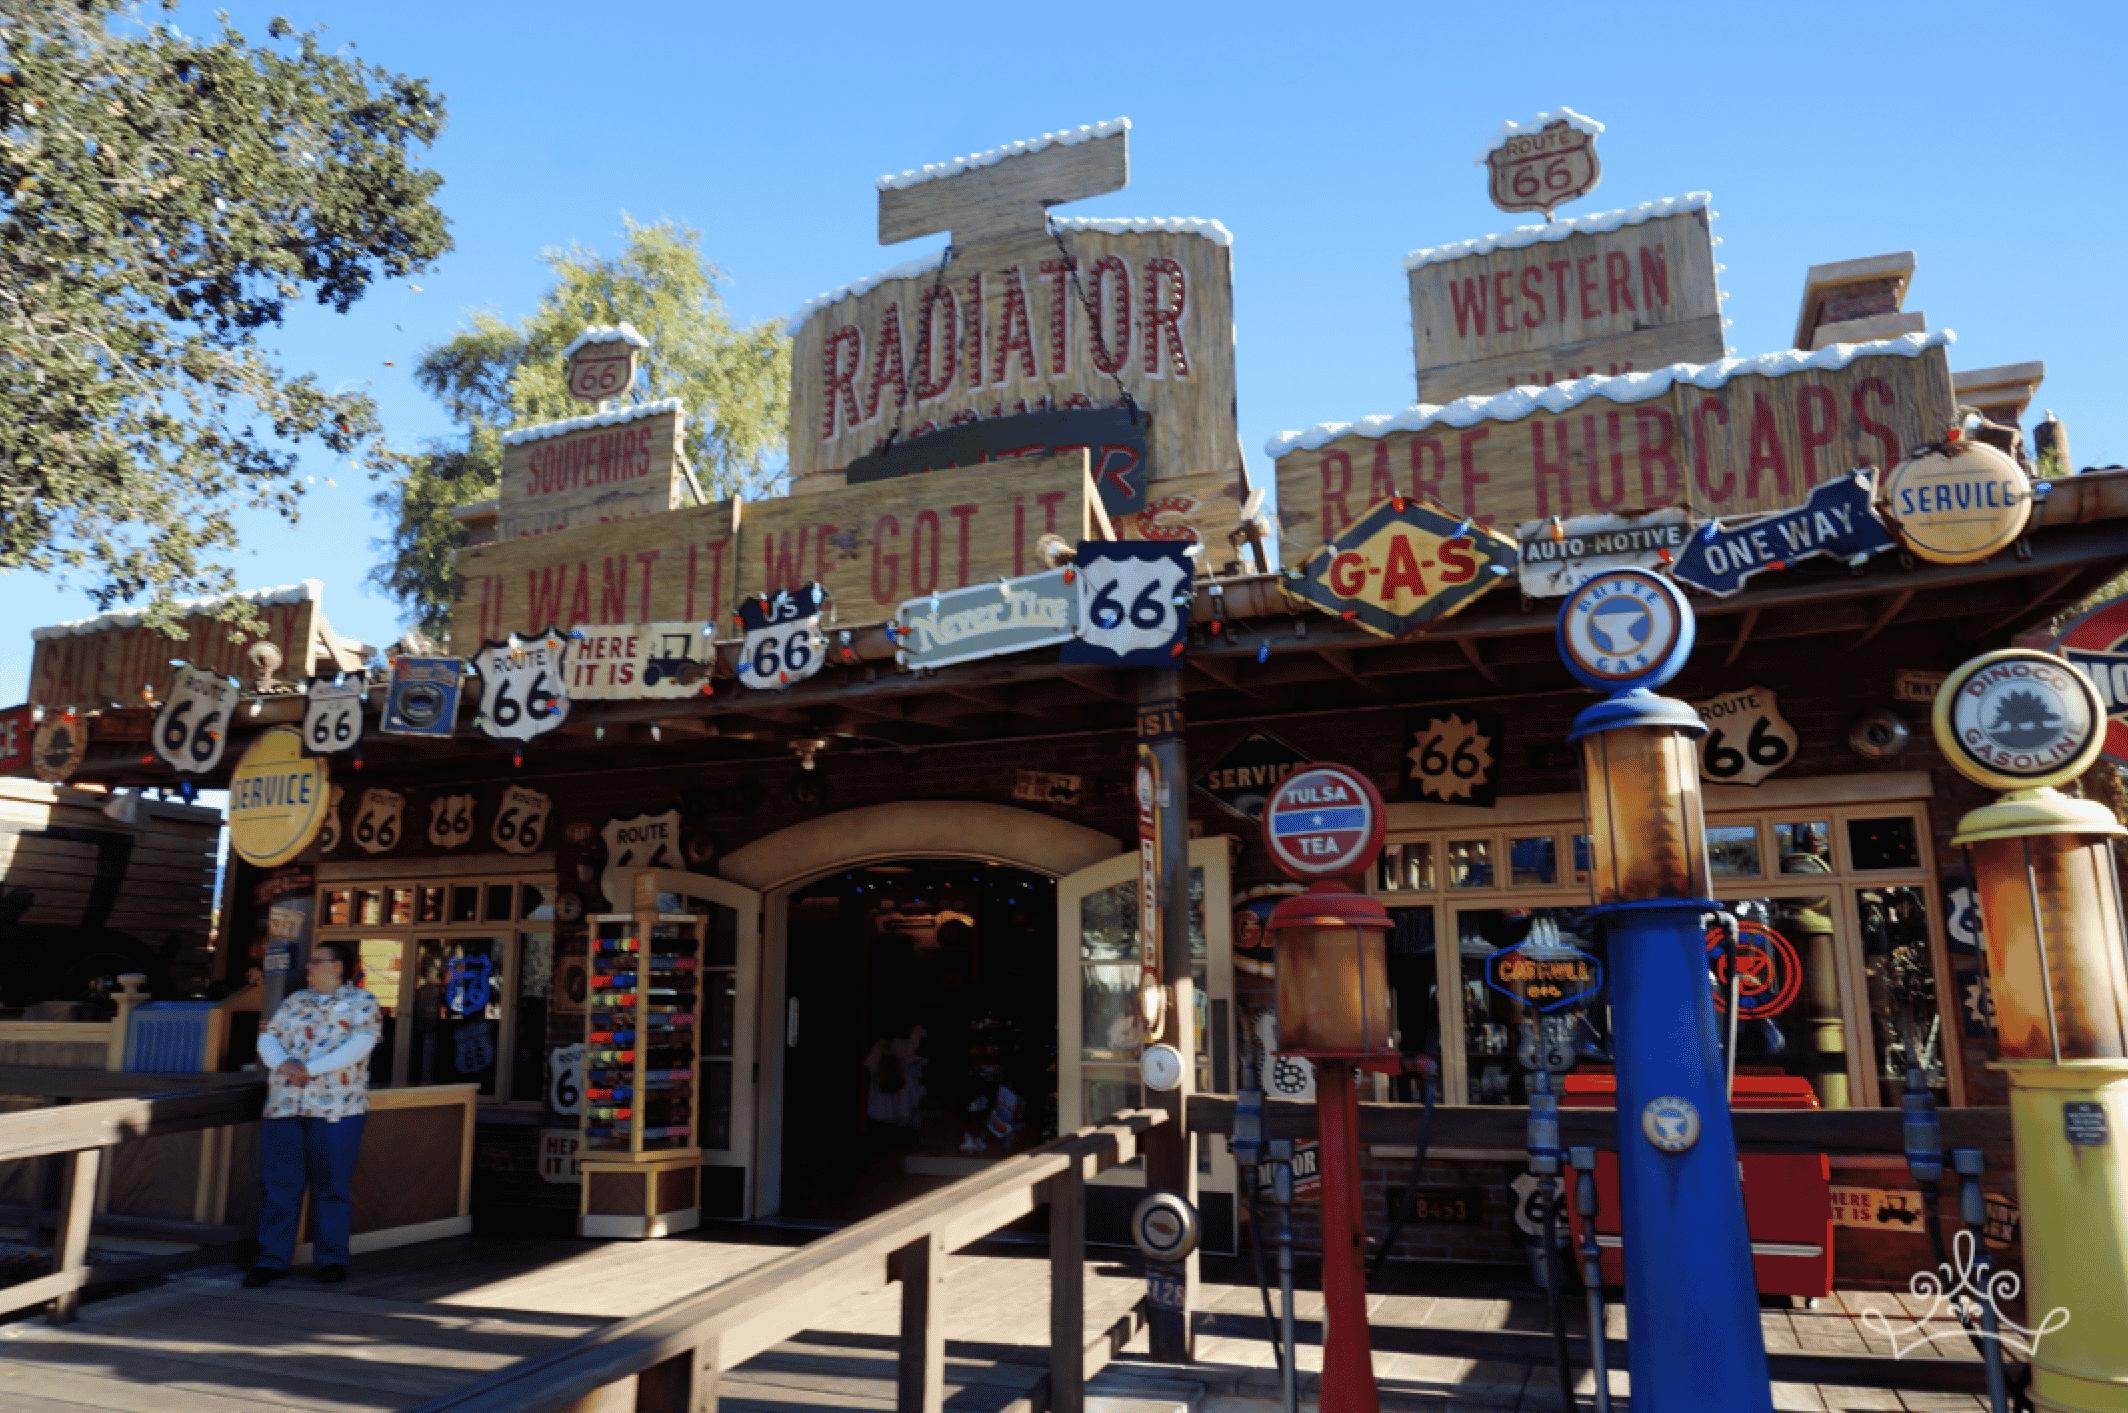 Radiator Springs Curios In California Adventure S Cars Land